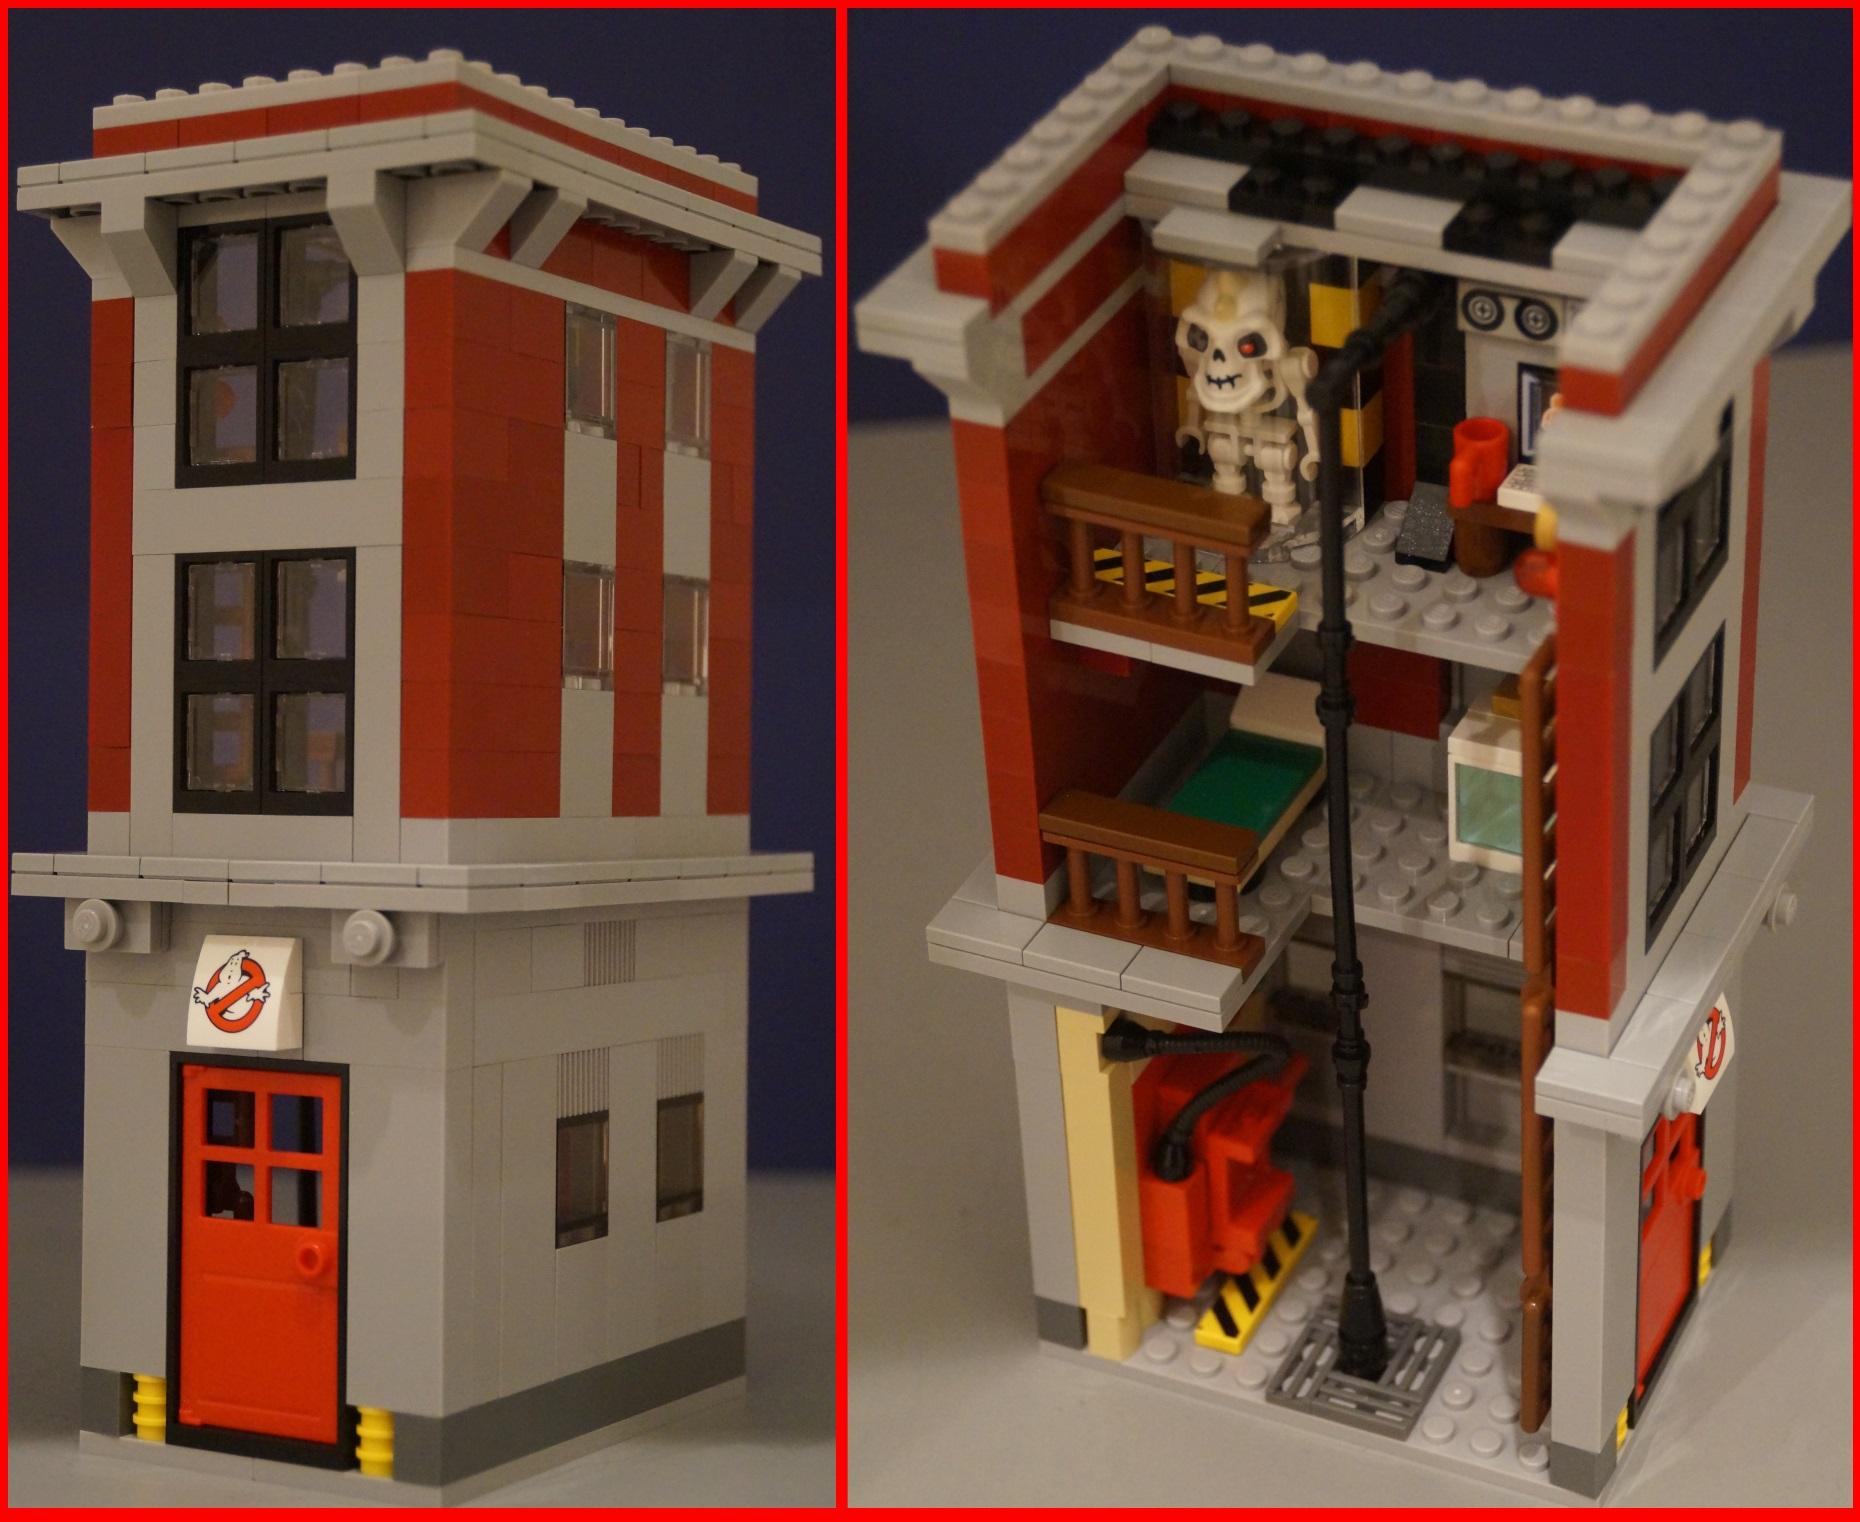 Sfondi casa cartone animato lego giocattolo